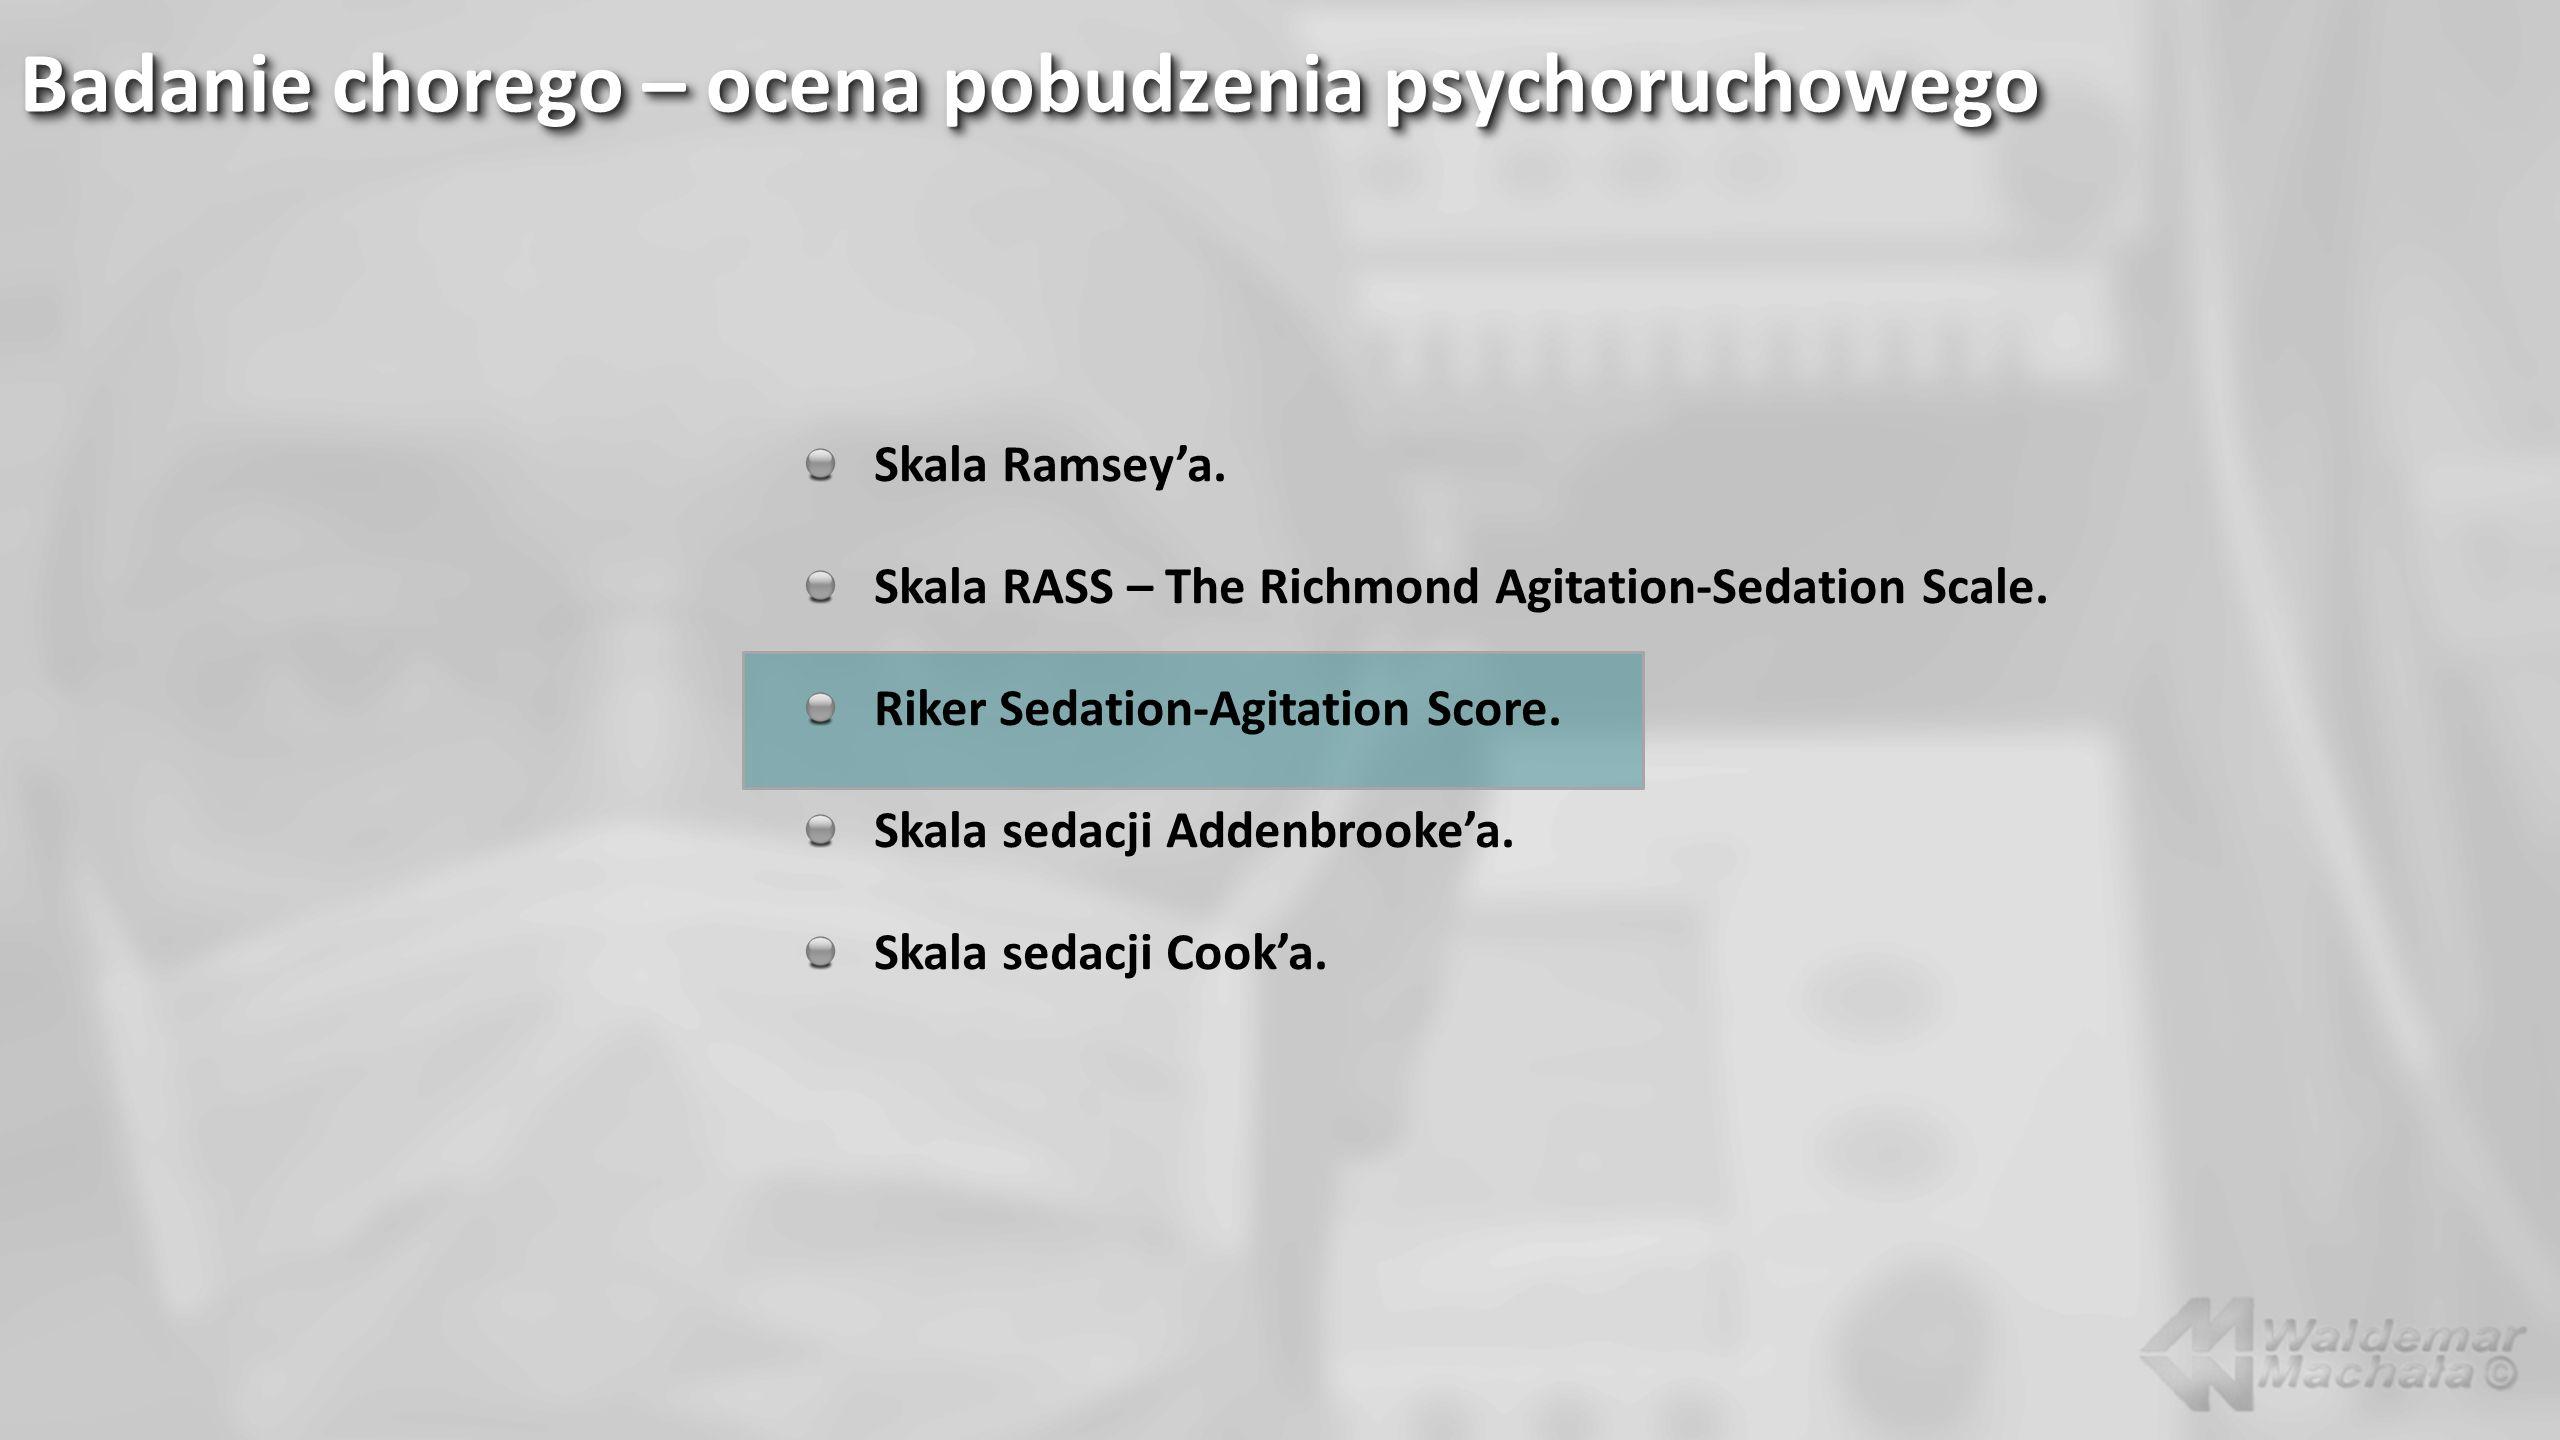 Badanie chorego – ocena pobudzenia psychoruchowego Skala Ramseya. Skala RASS – The Richmond Agitation-Sedation Scale. Riker Sedation-Agitation Score.